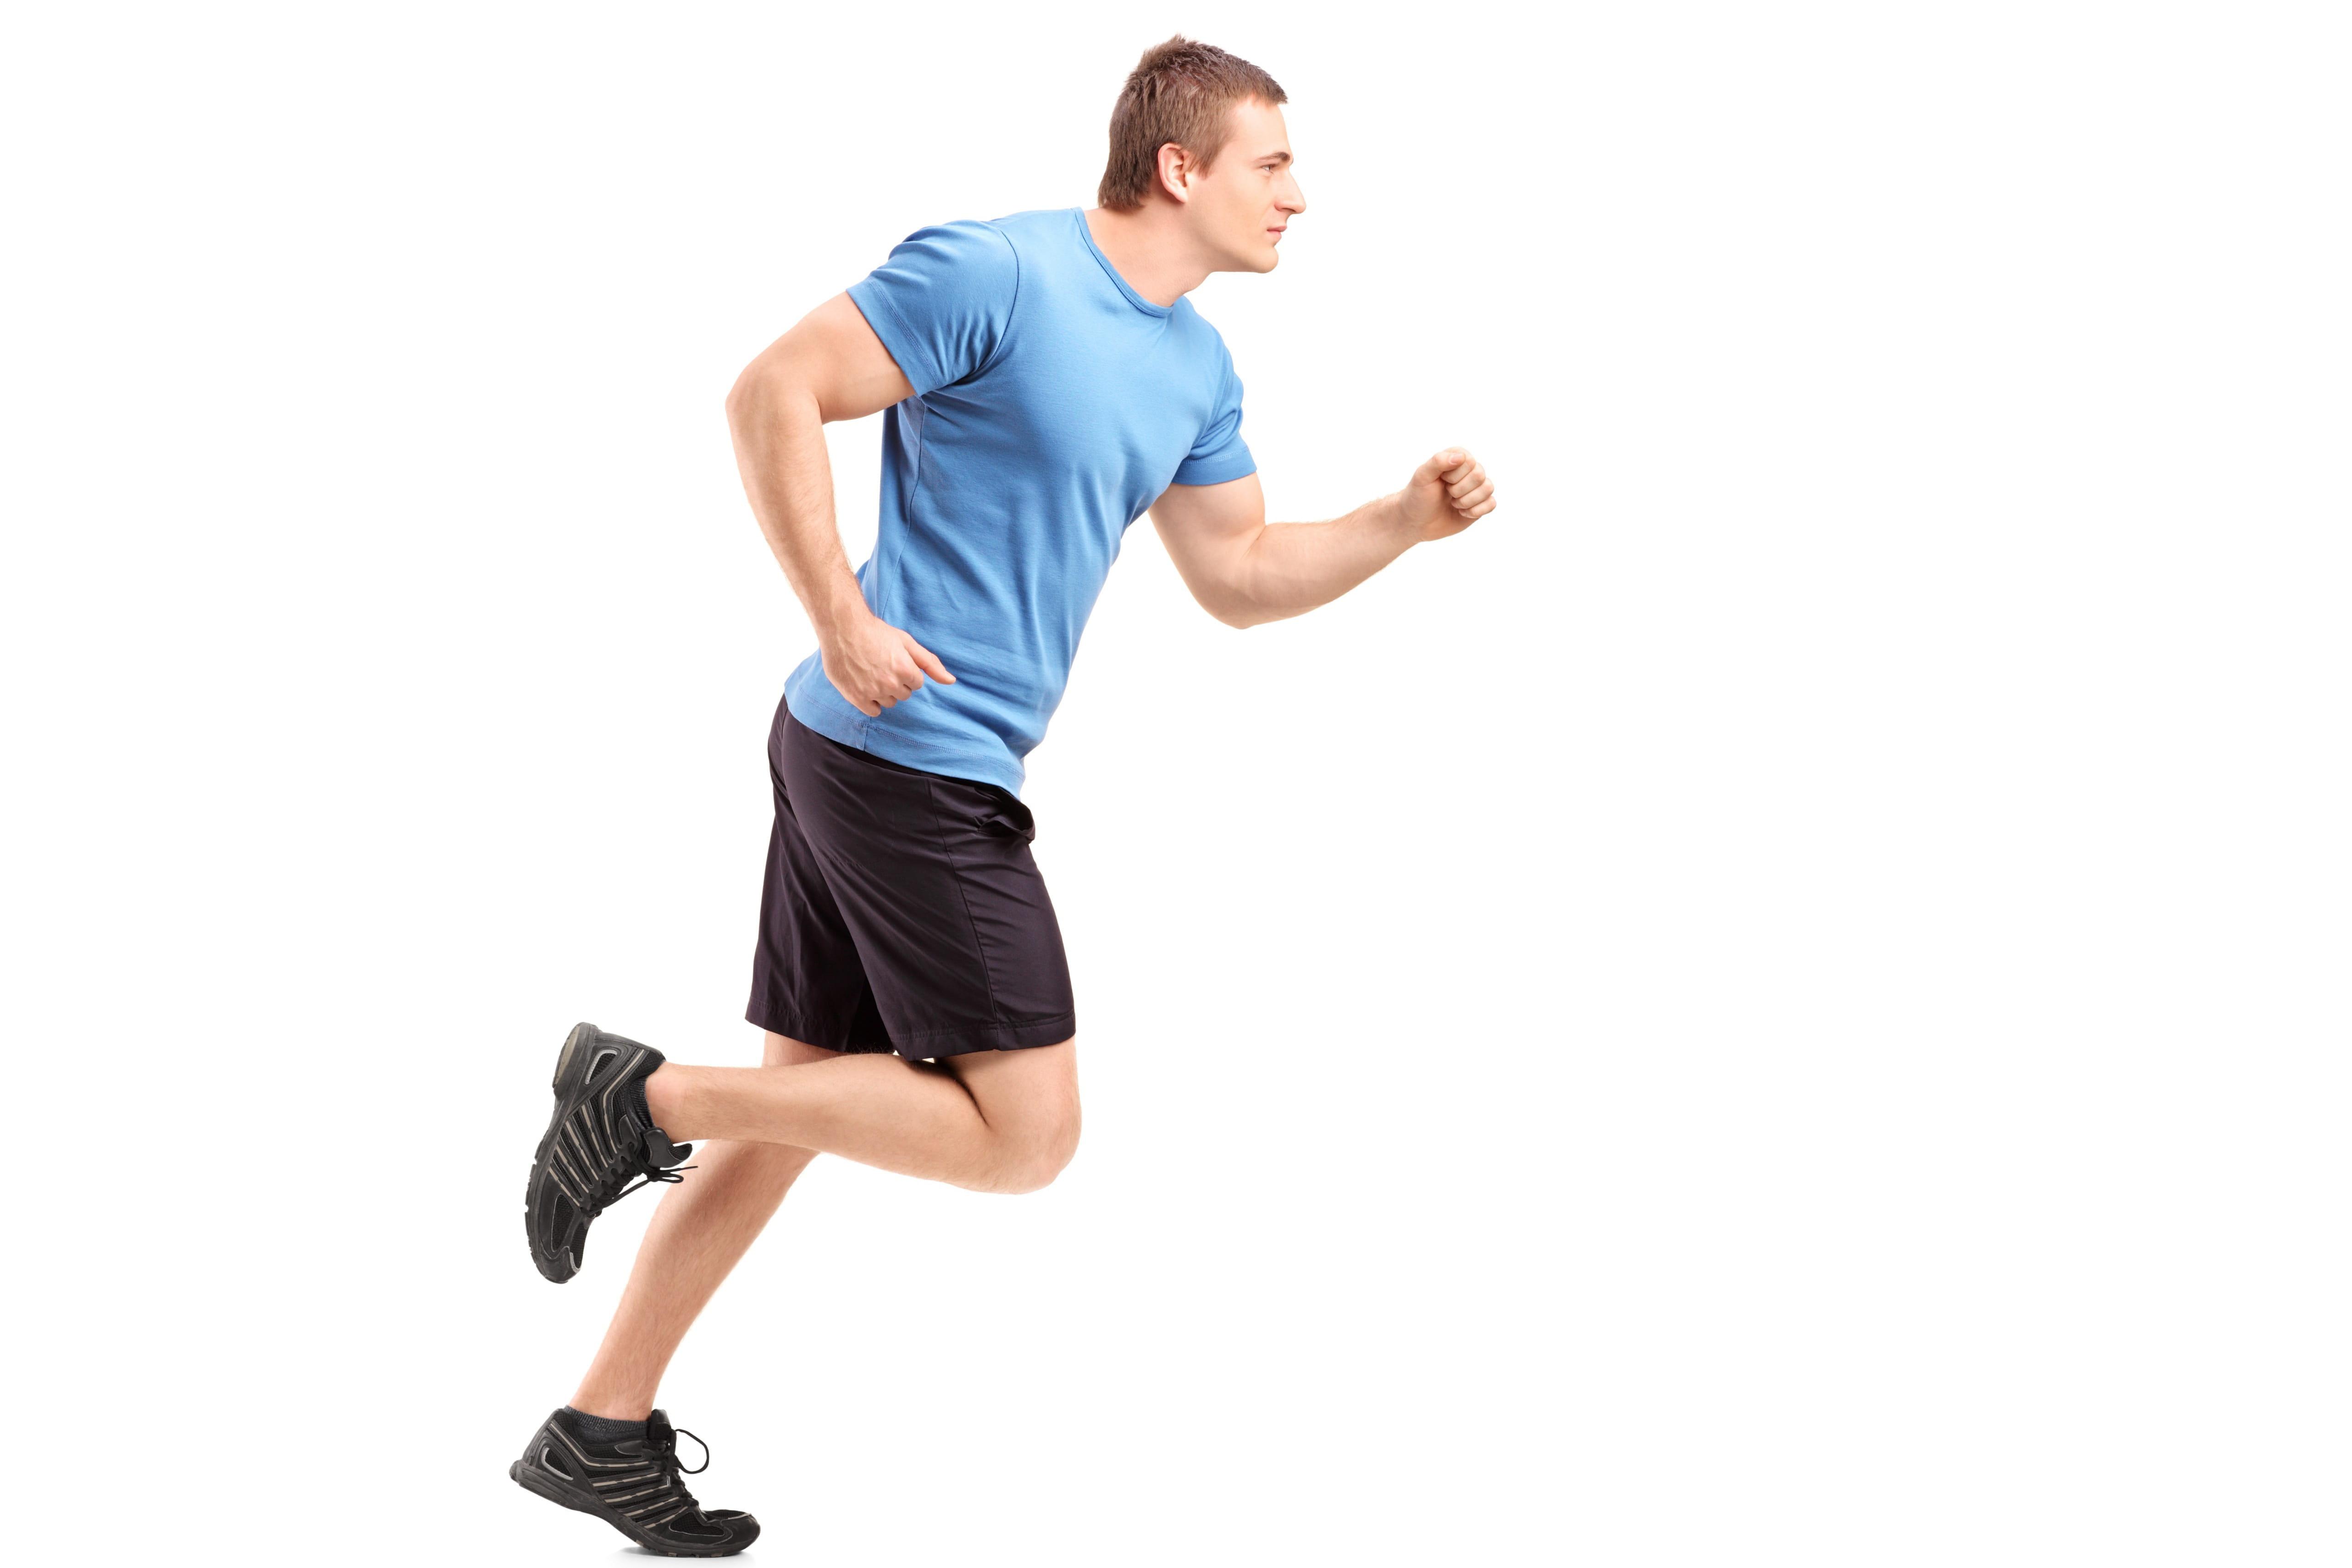 courez sur place 15 astuces pour faire du sport chez soi et sans mat riel linternaute. Black Bedroom Furniture Sets. Home Design Ideas